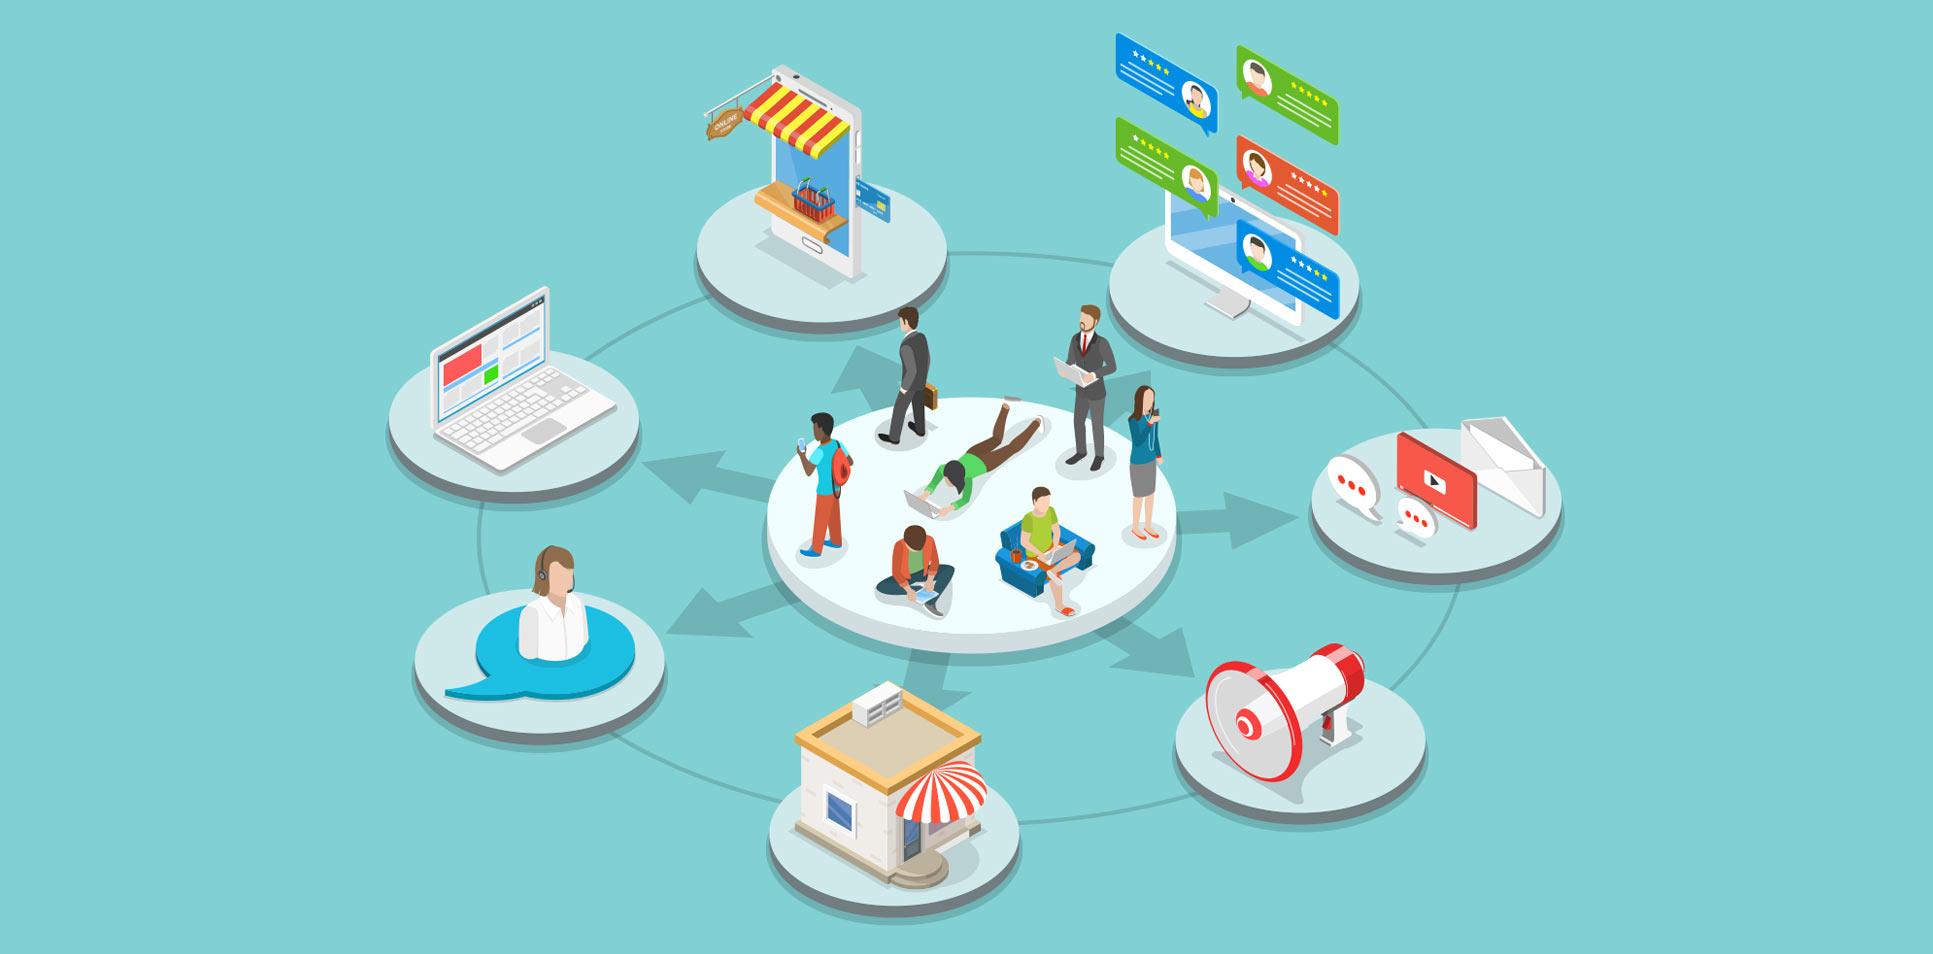 Открытие интернет магазина с нуля в 2021 году: пошаговая инструкция с понятным объяснением